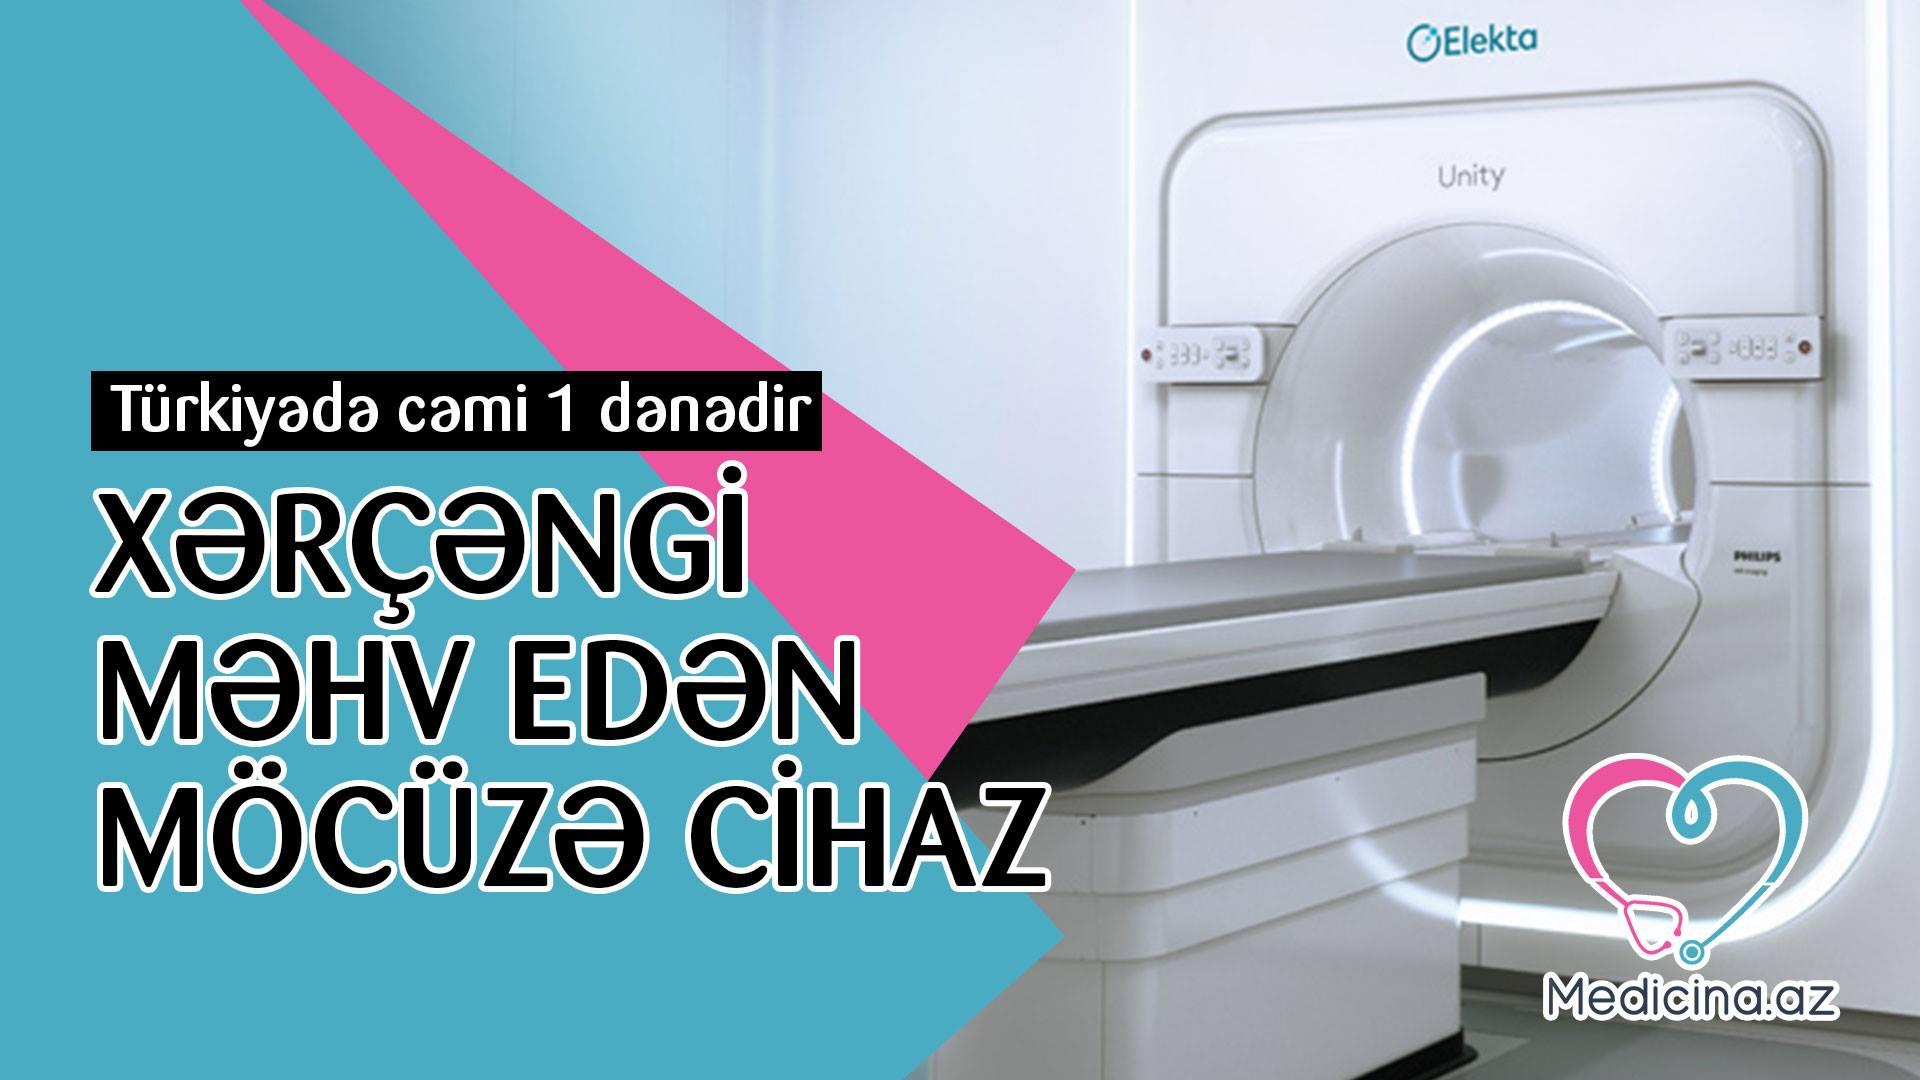 """Xərçəngi məhv edən yeni """"möcüzə cihaz"""" – Türkiyə aldı  - VİDEO"""